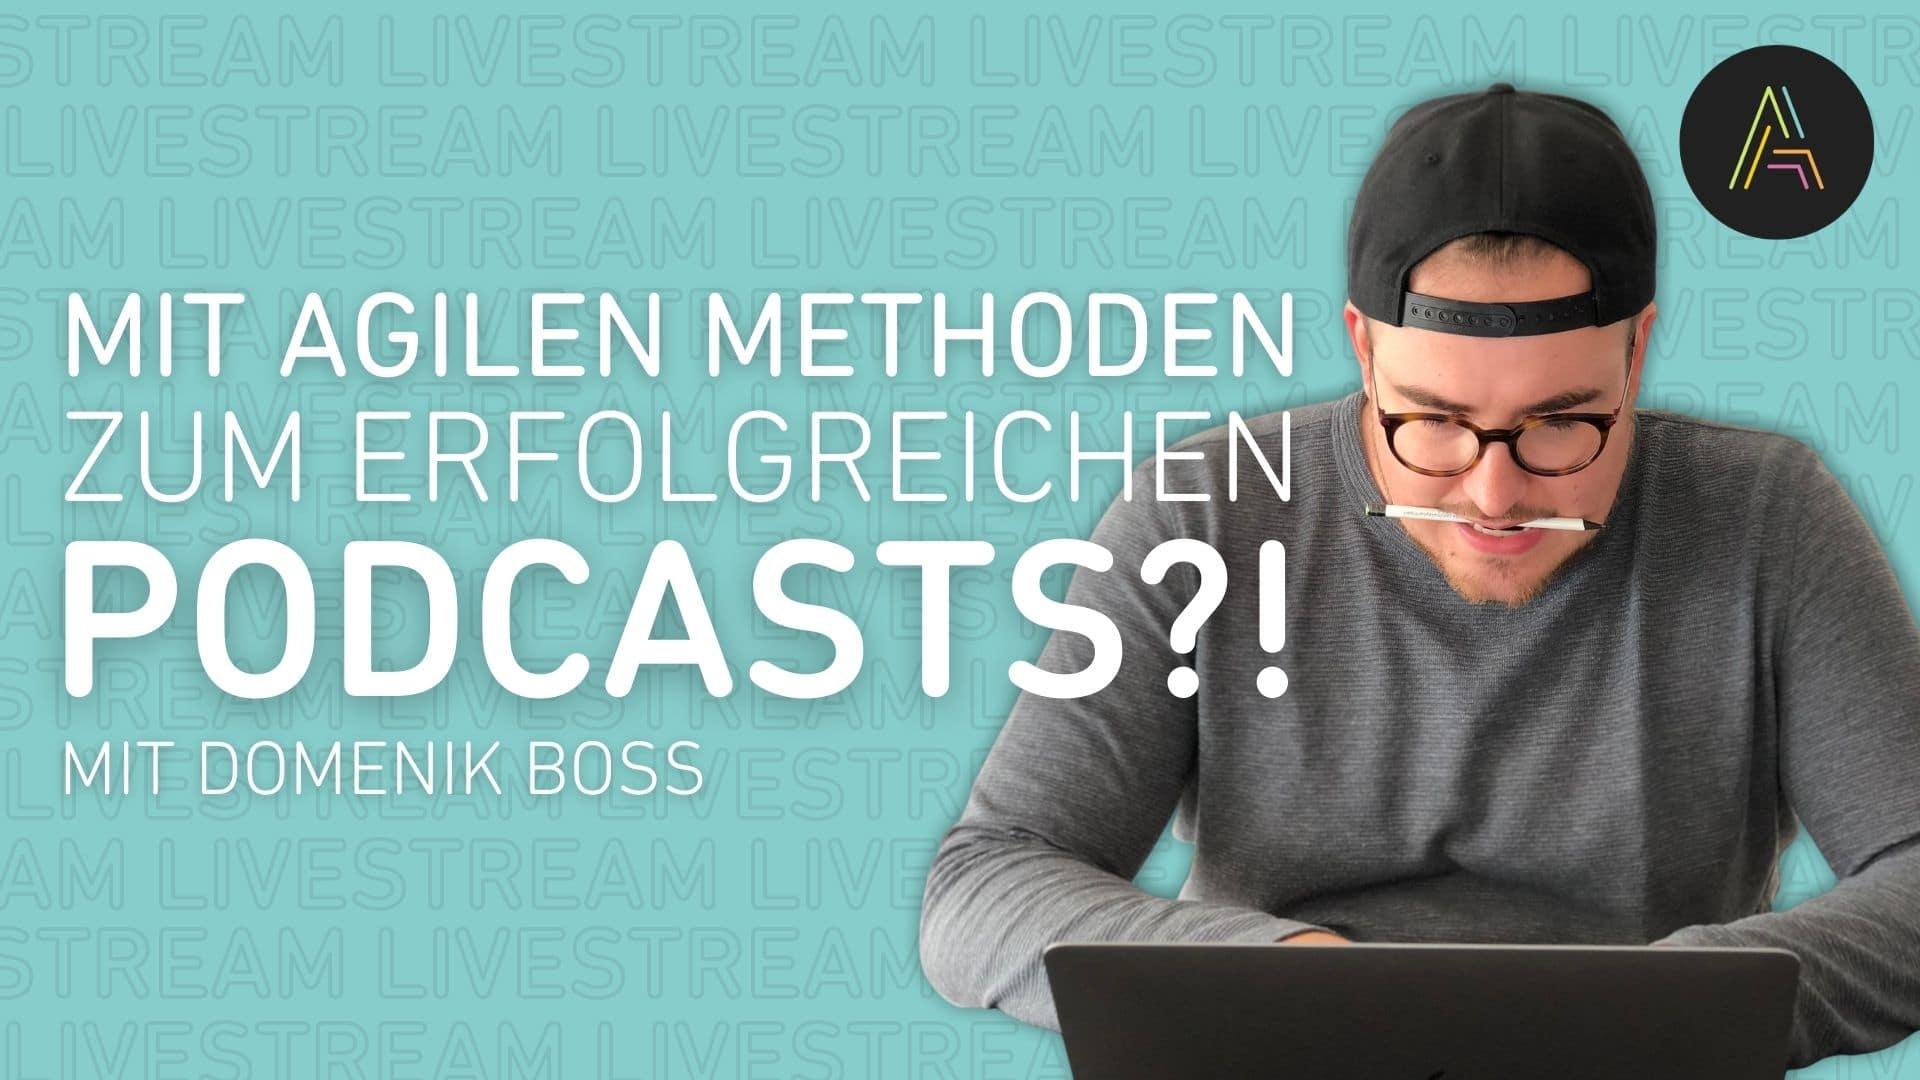 Erfolgreich mit Podcasts